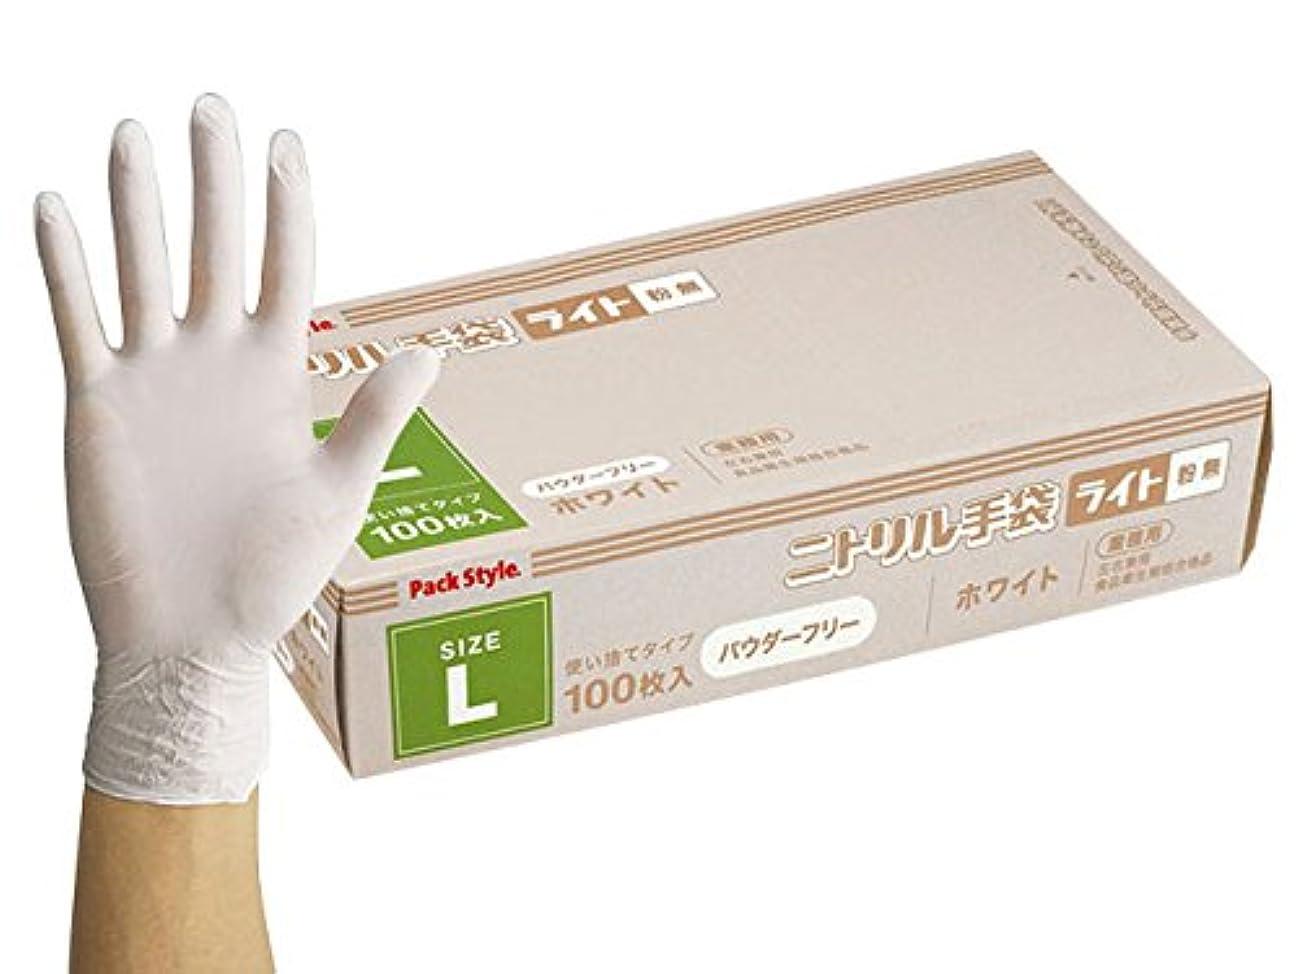 ピストン研究雇用パックスタイル 業務用 使い捨て ニトリル手袋 ライトT 白?粉無 L 3000枚 00540456